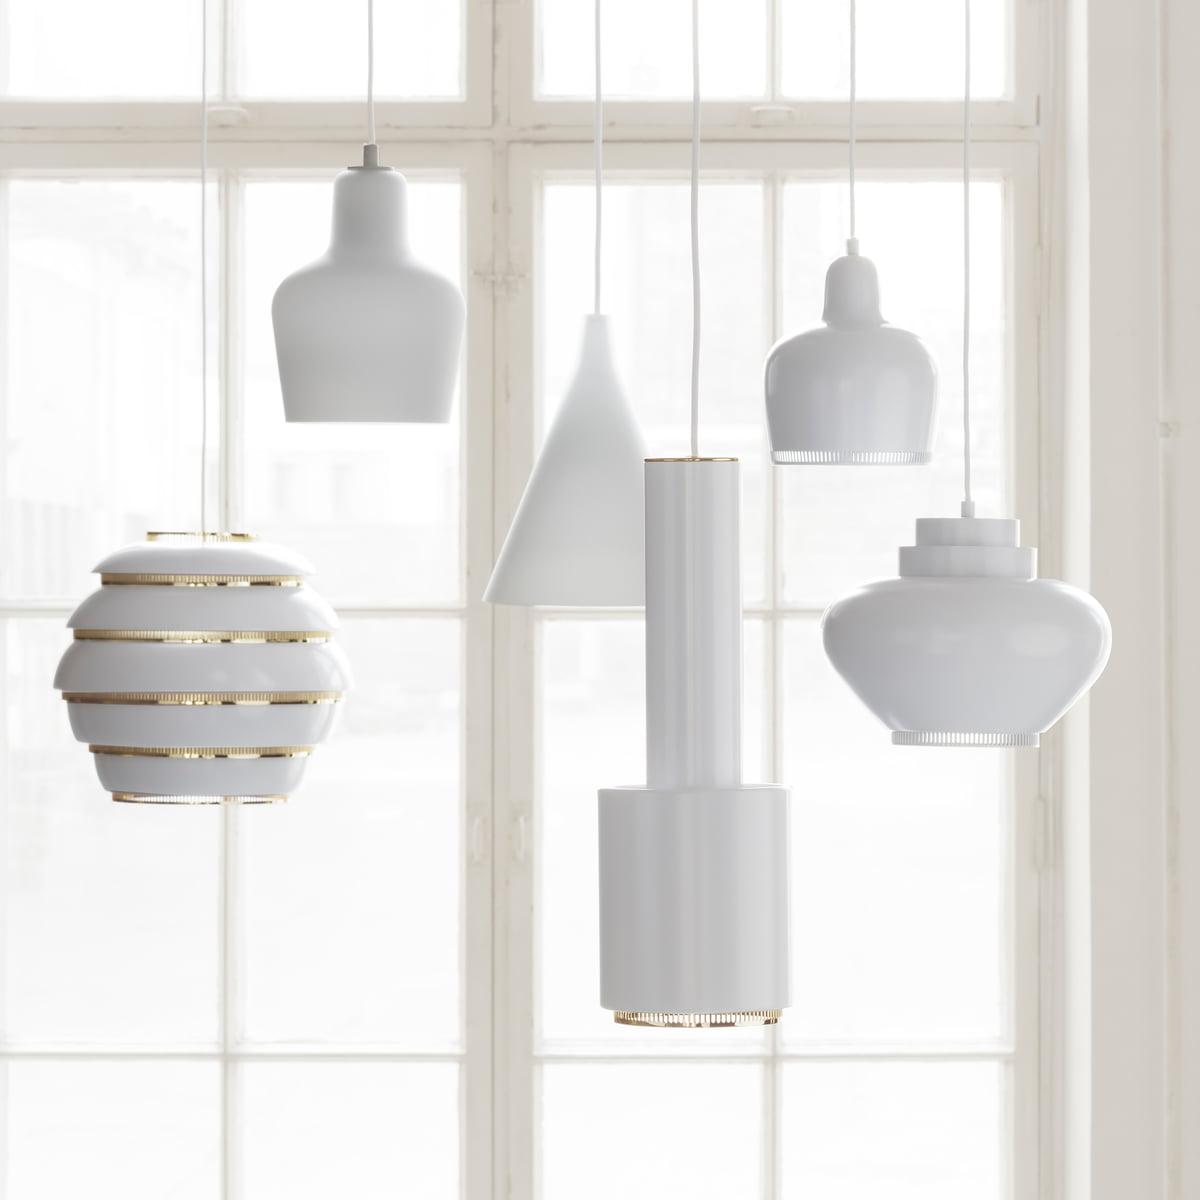 die artek a 110 handgranate pendelleuchte. Black Bedroom Furniture Sets. Home Design Ideas